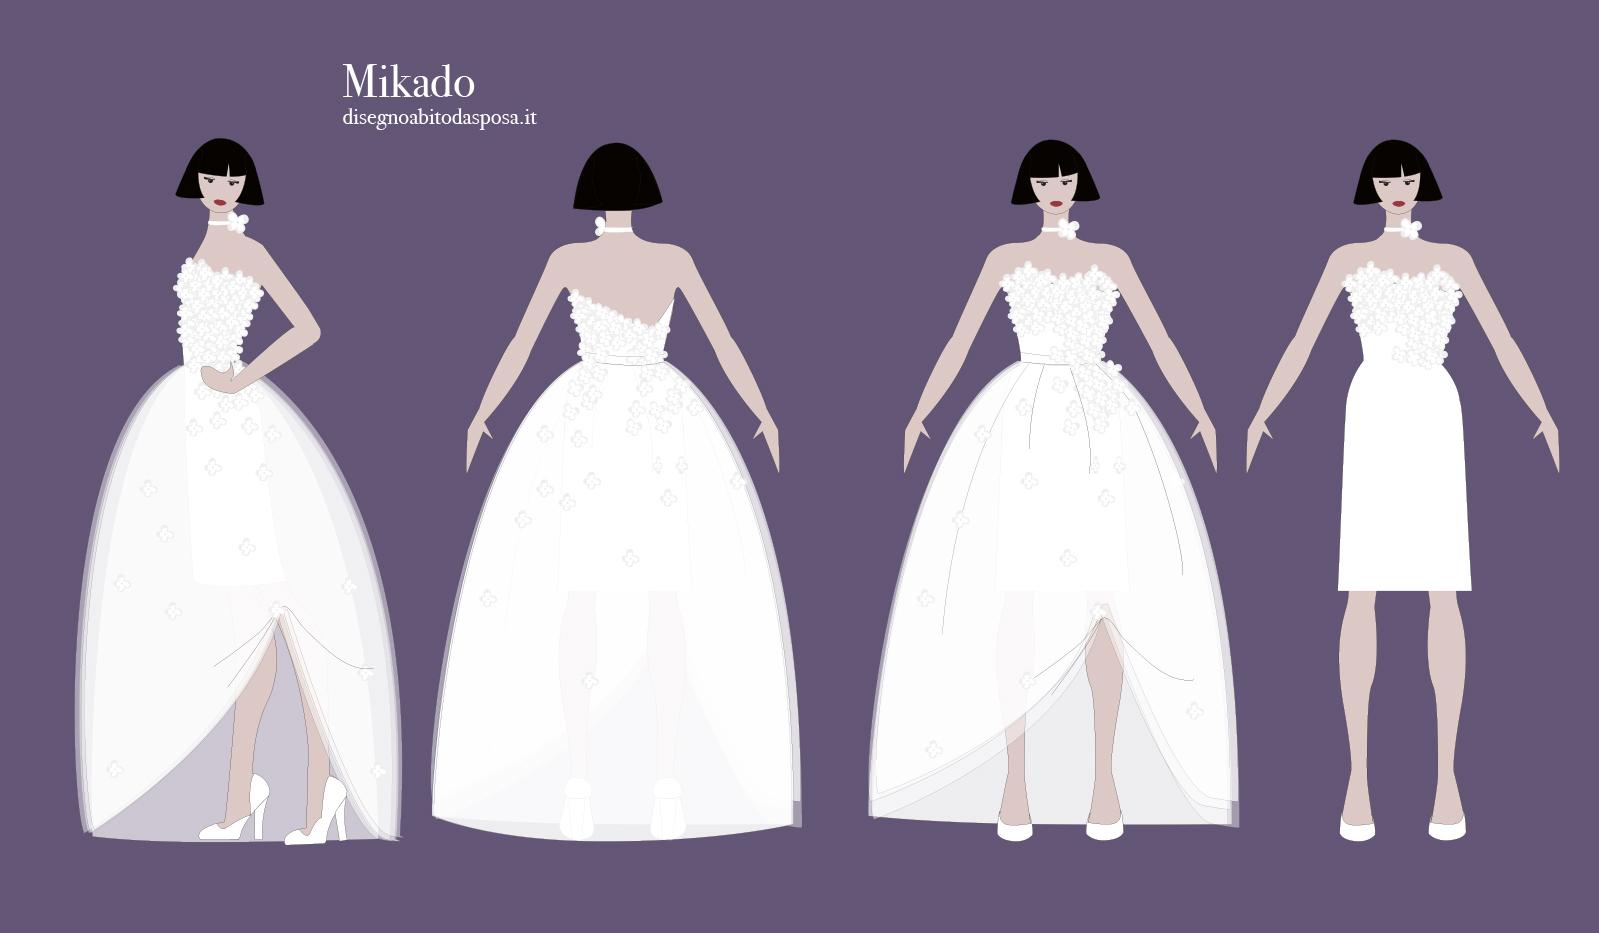 Abito da sposa Mikado, due abiti in uno